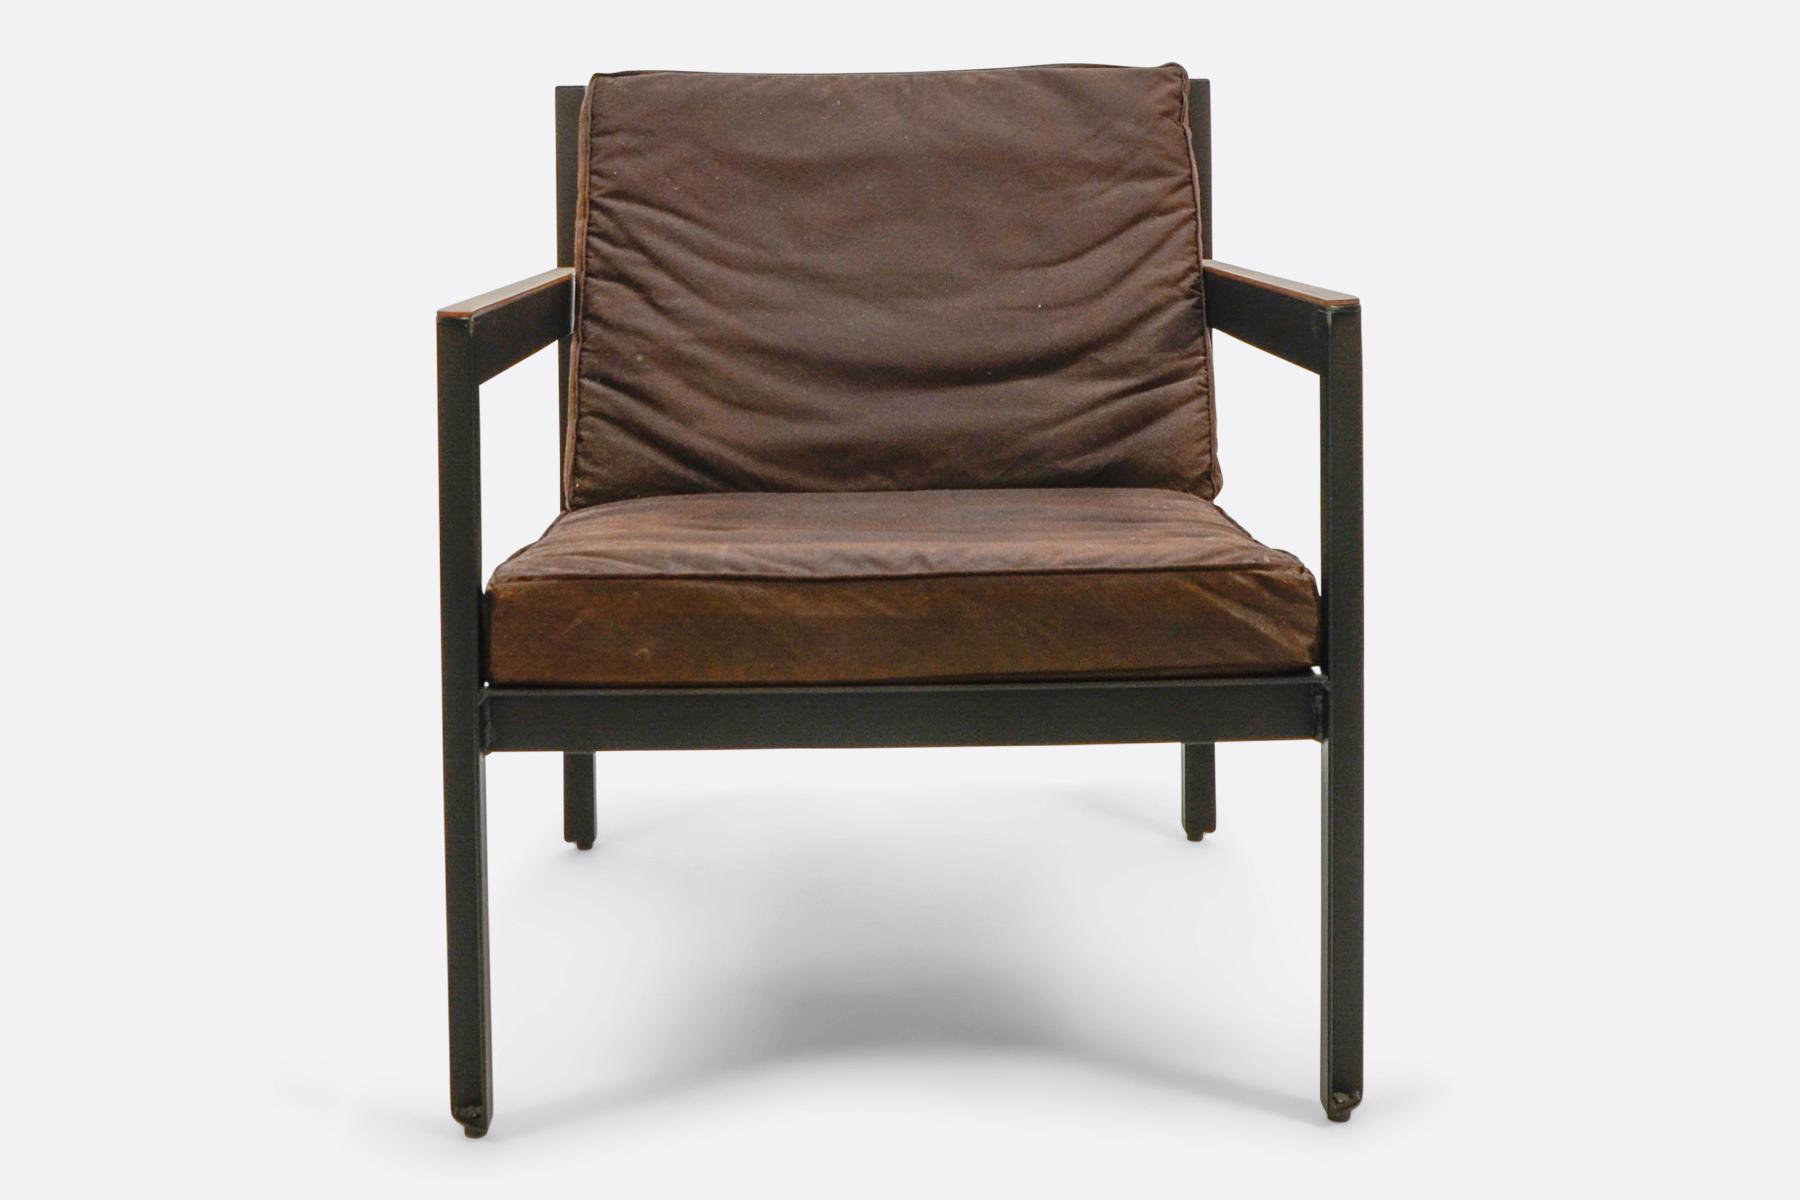 Heerenhuis - Cargo chair1